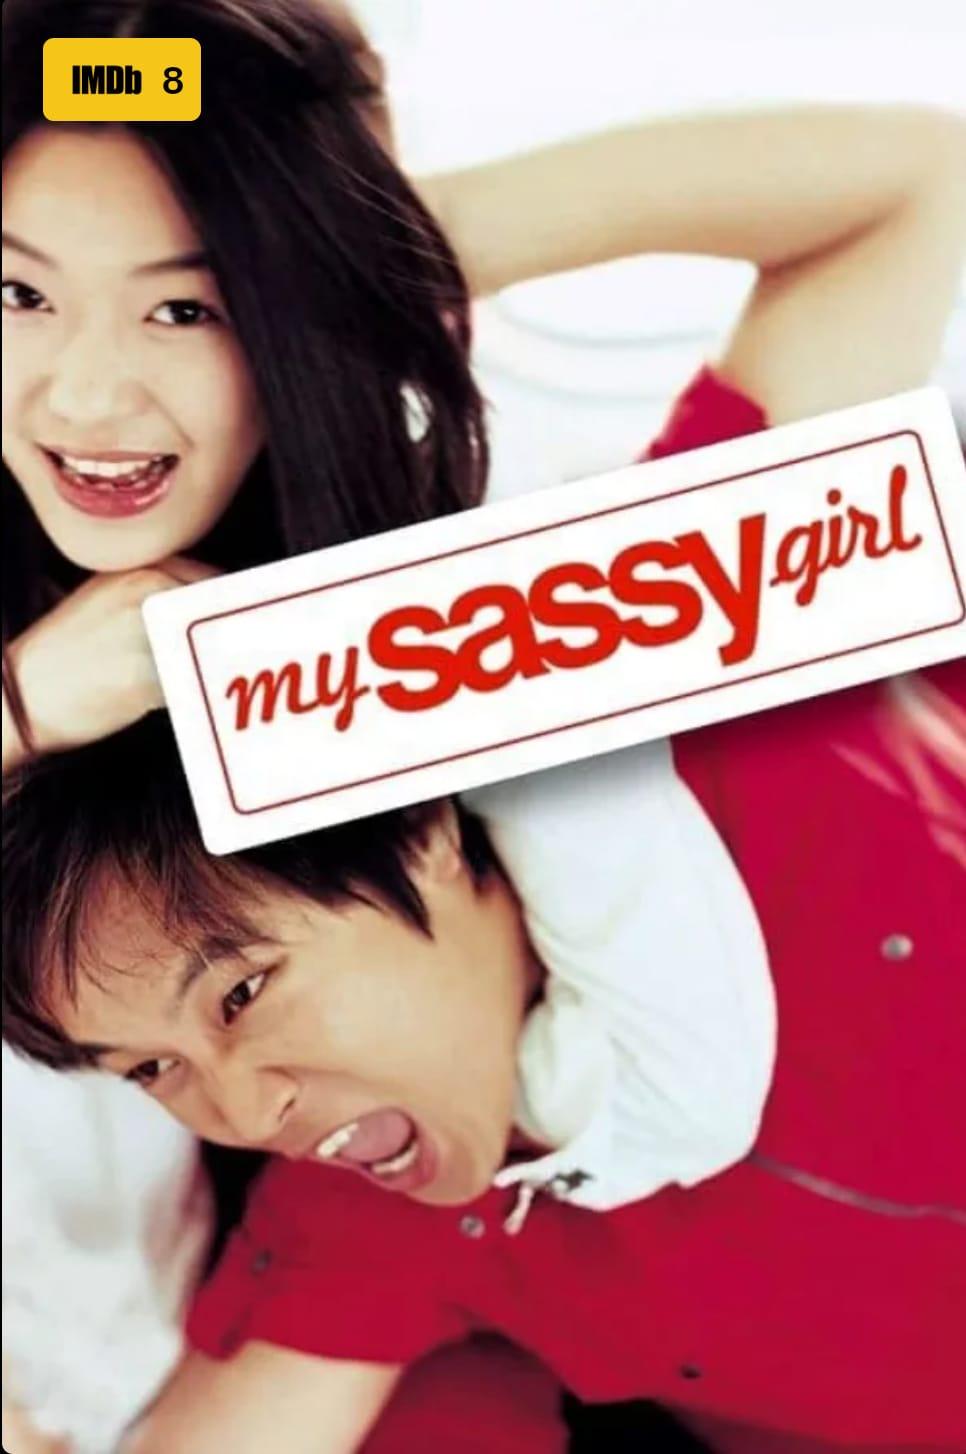 My Sassy girl (2001). (IMDb)